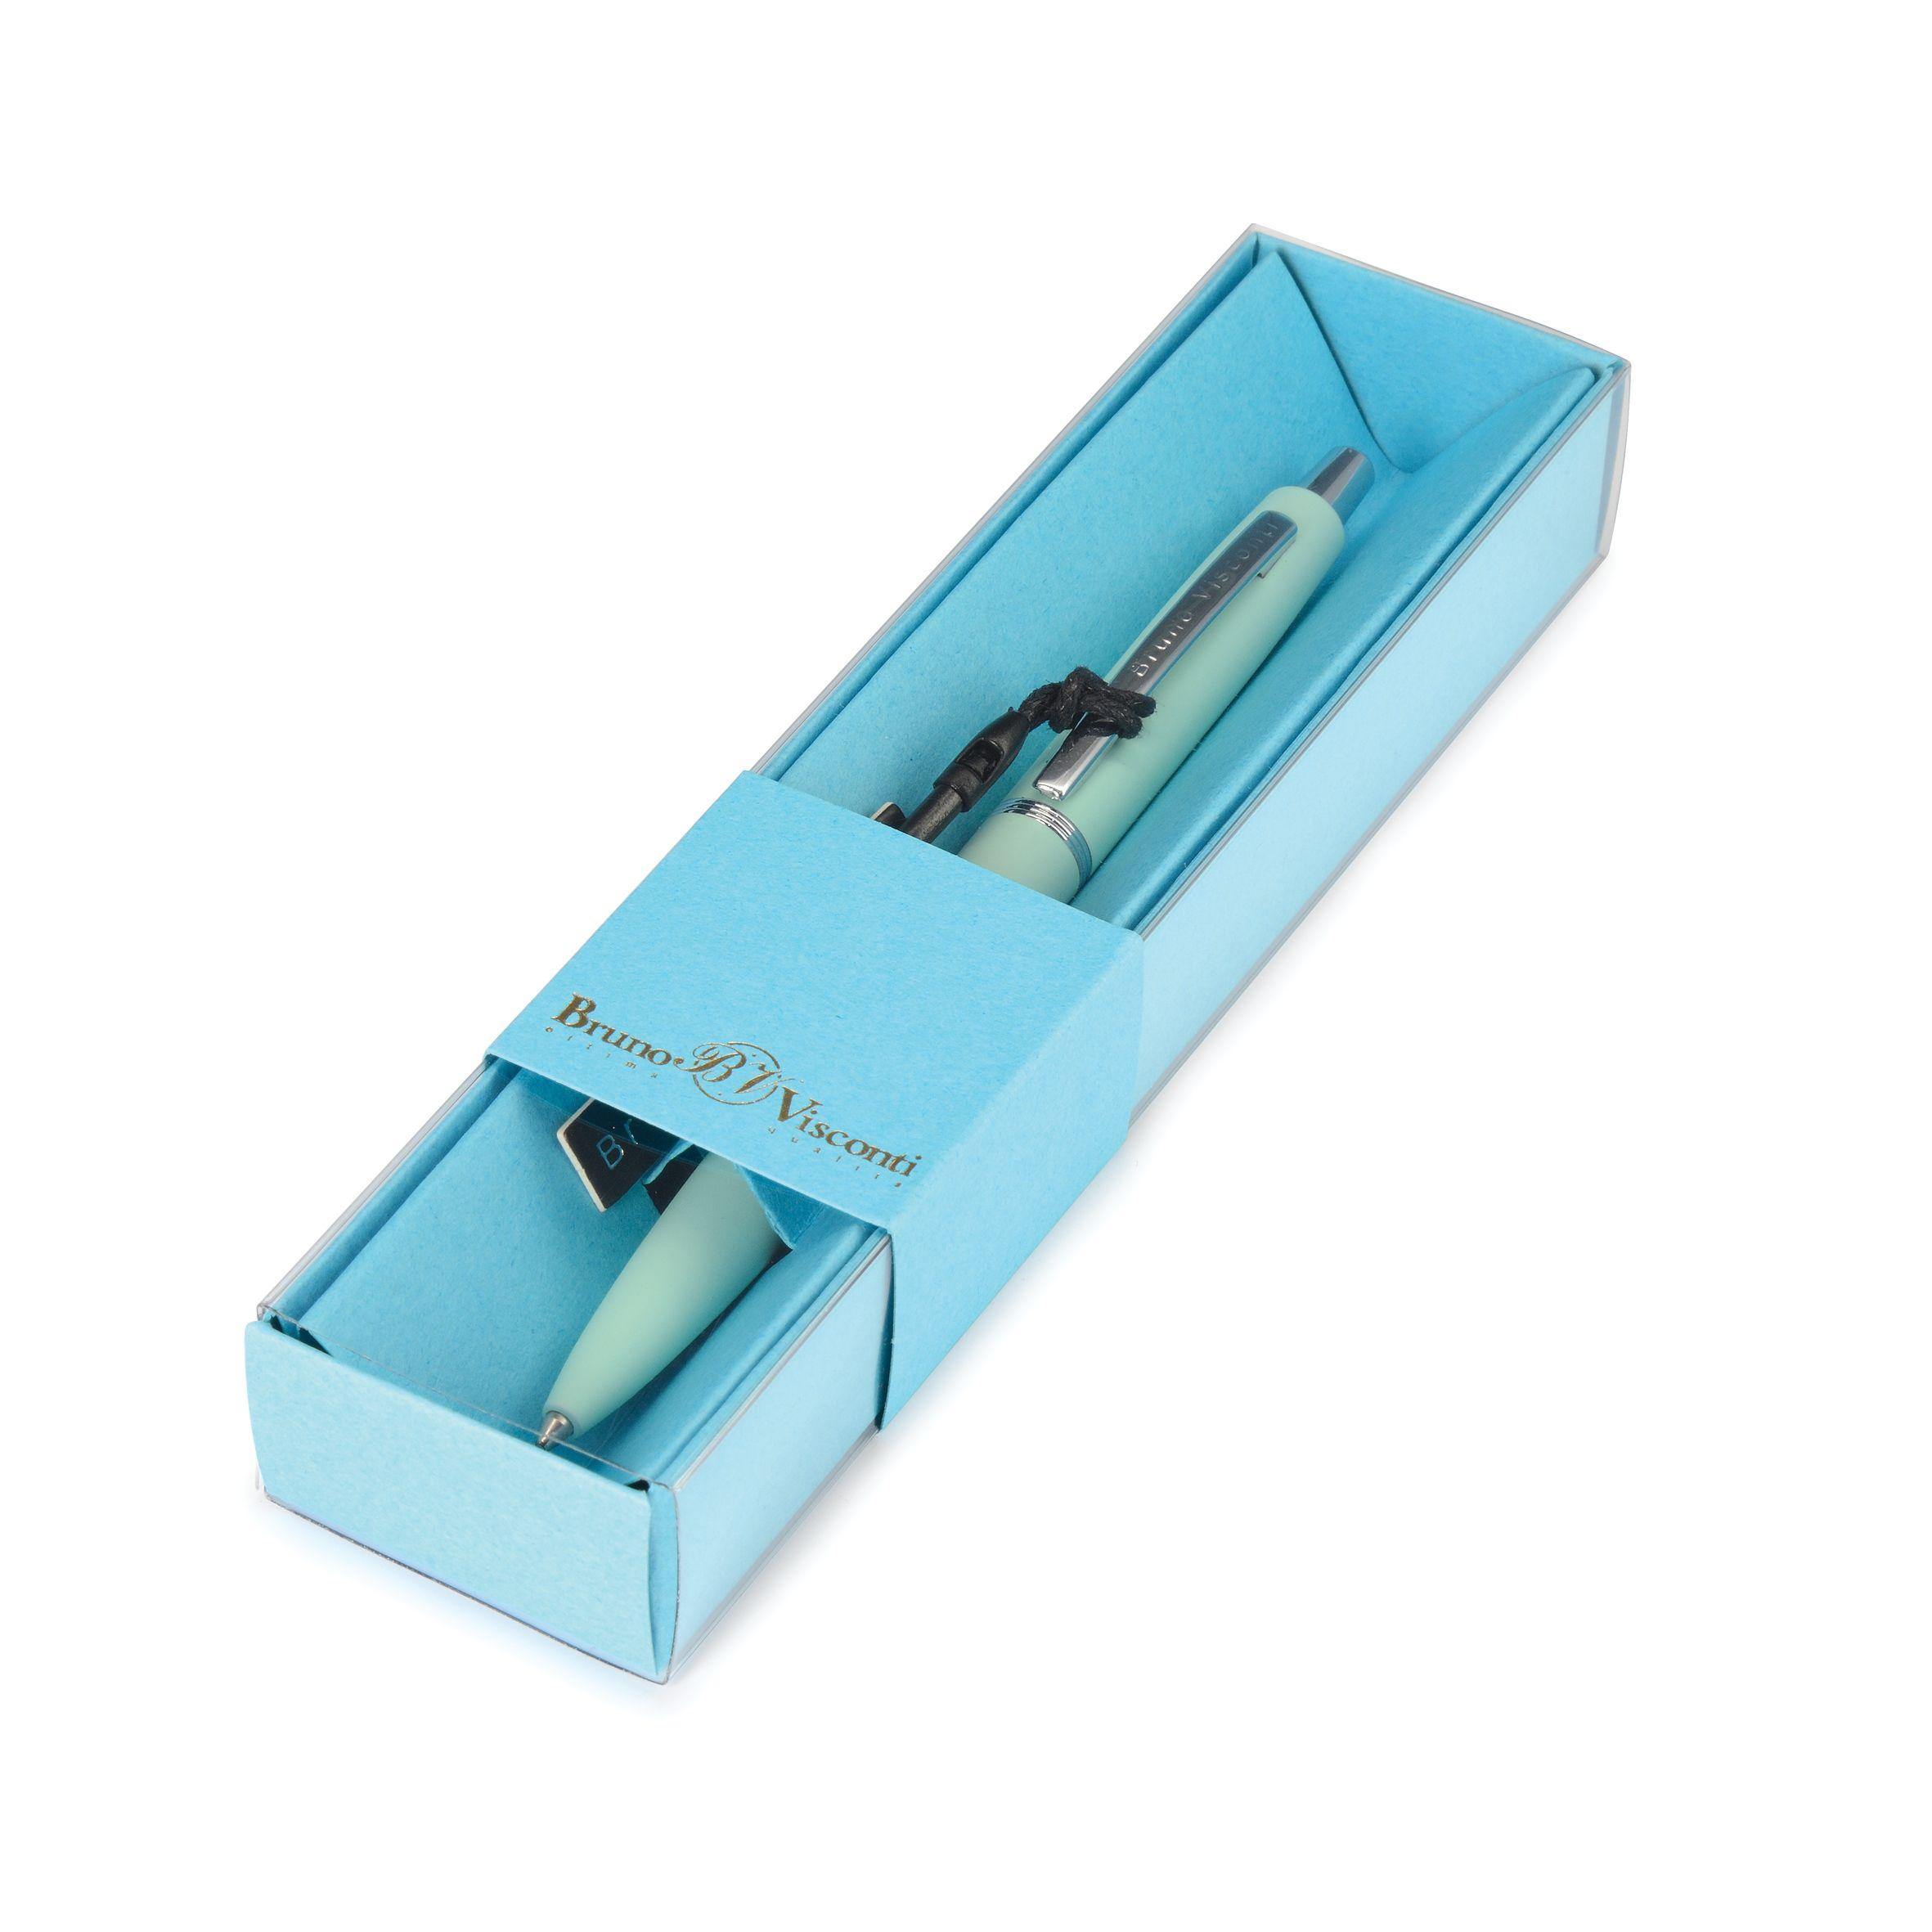 Ручка подар. BV синяя 1мм San Remo авт мятный корпус